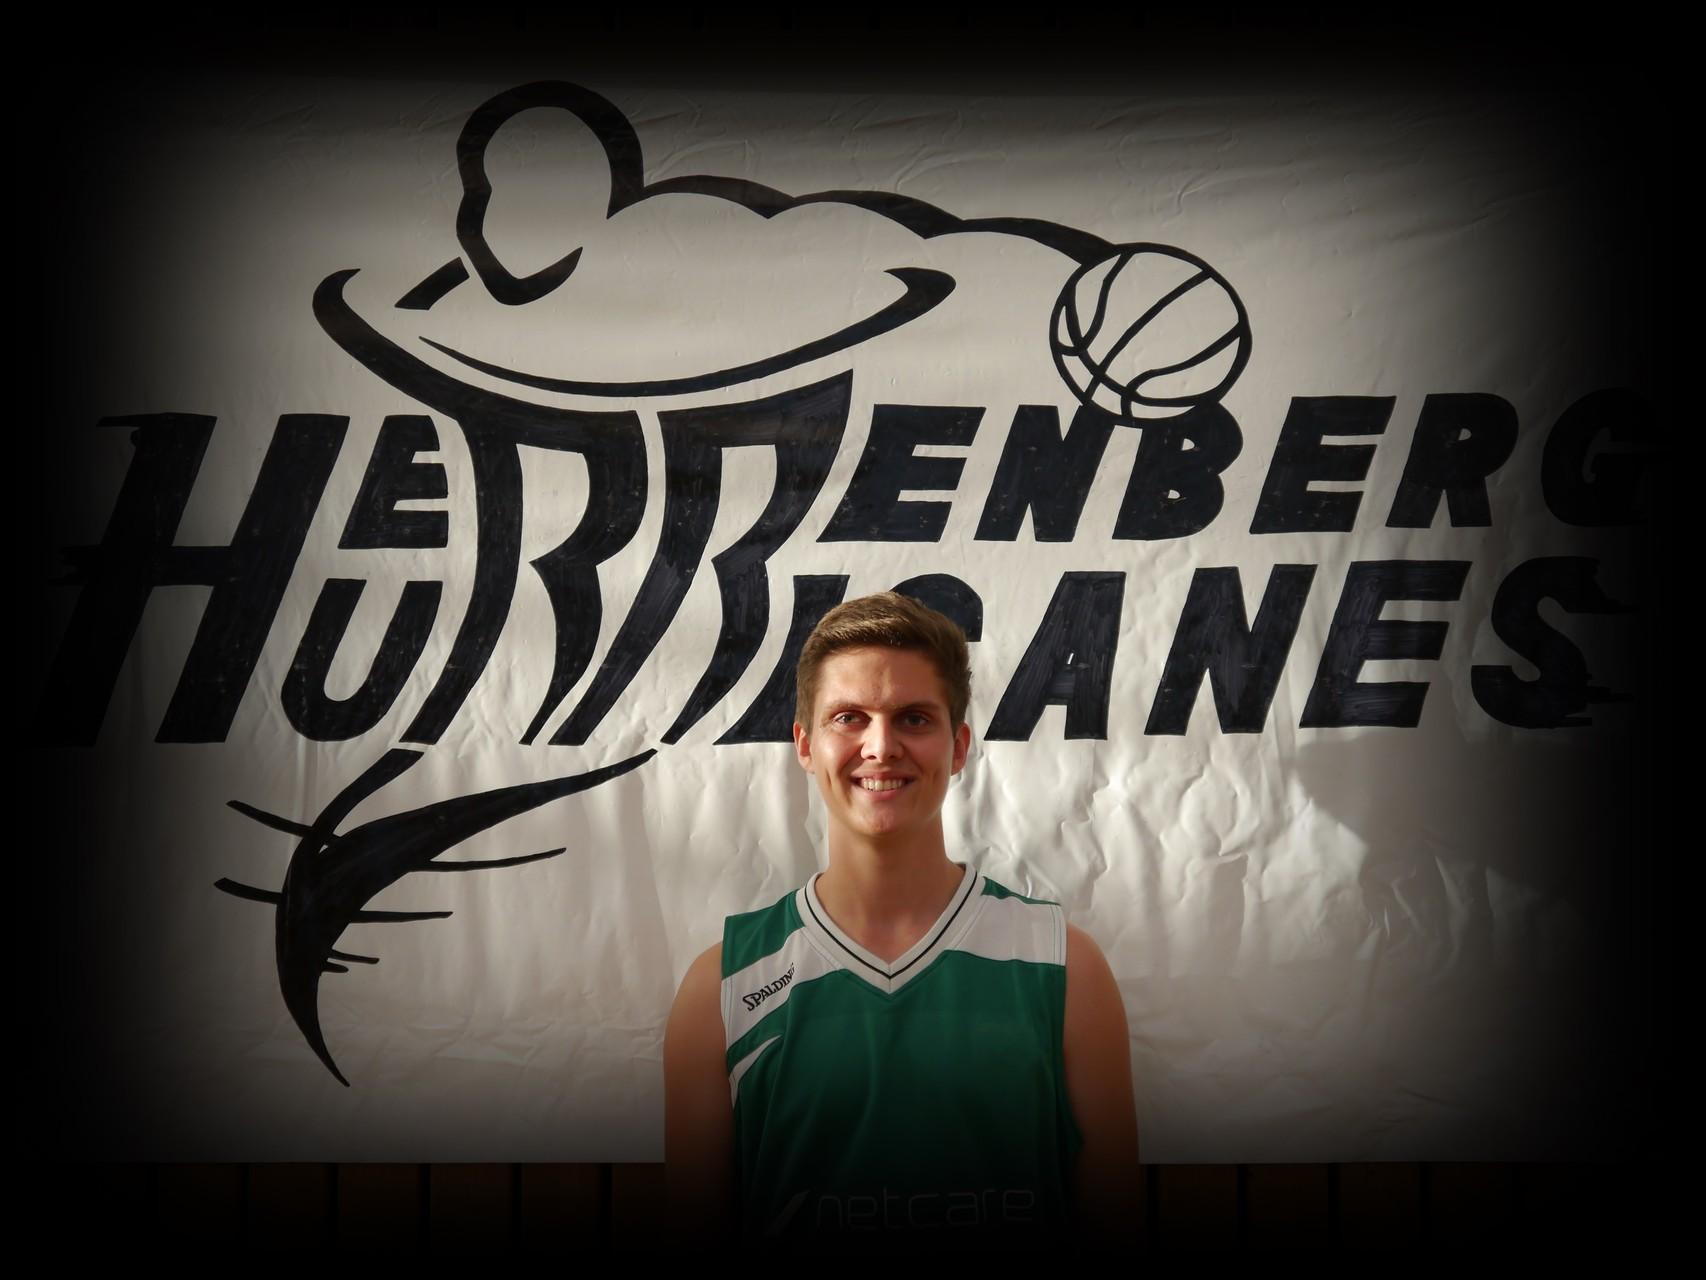 Florian Nieuwenhuizen ǀ 19 Jahre ǀ 179cm ǀ Flügel ǀ Mitglied seit 2011